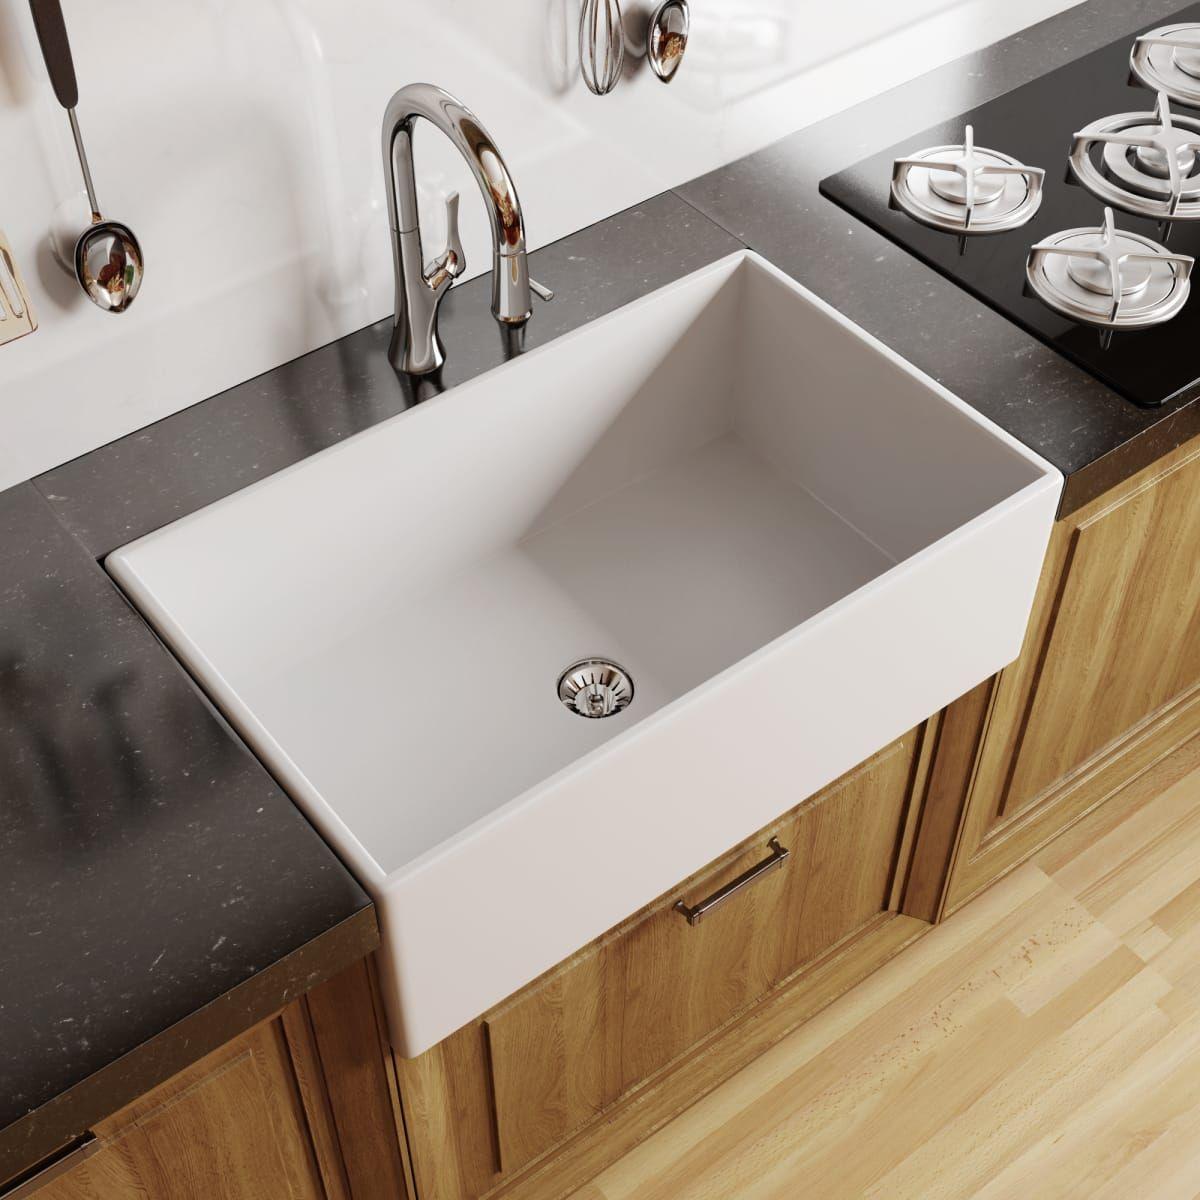 Top Kitchen Inspo March 2019 Farmhouse Sink Kitchen Kitchen Sink Decor Kitchen Design